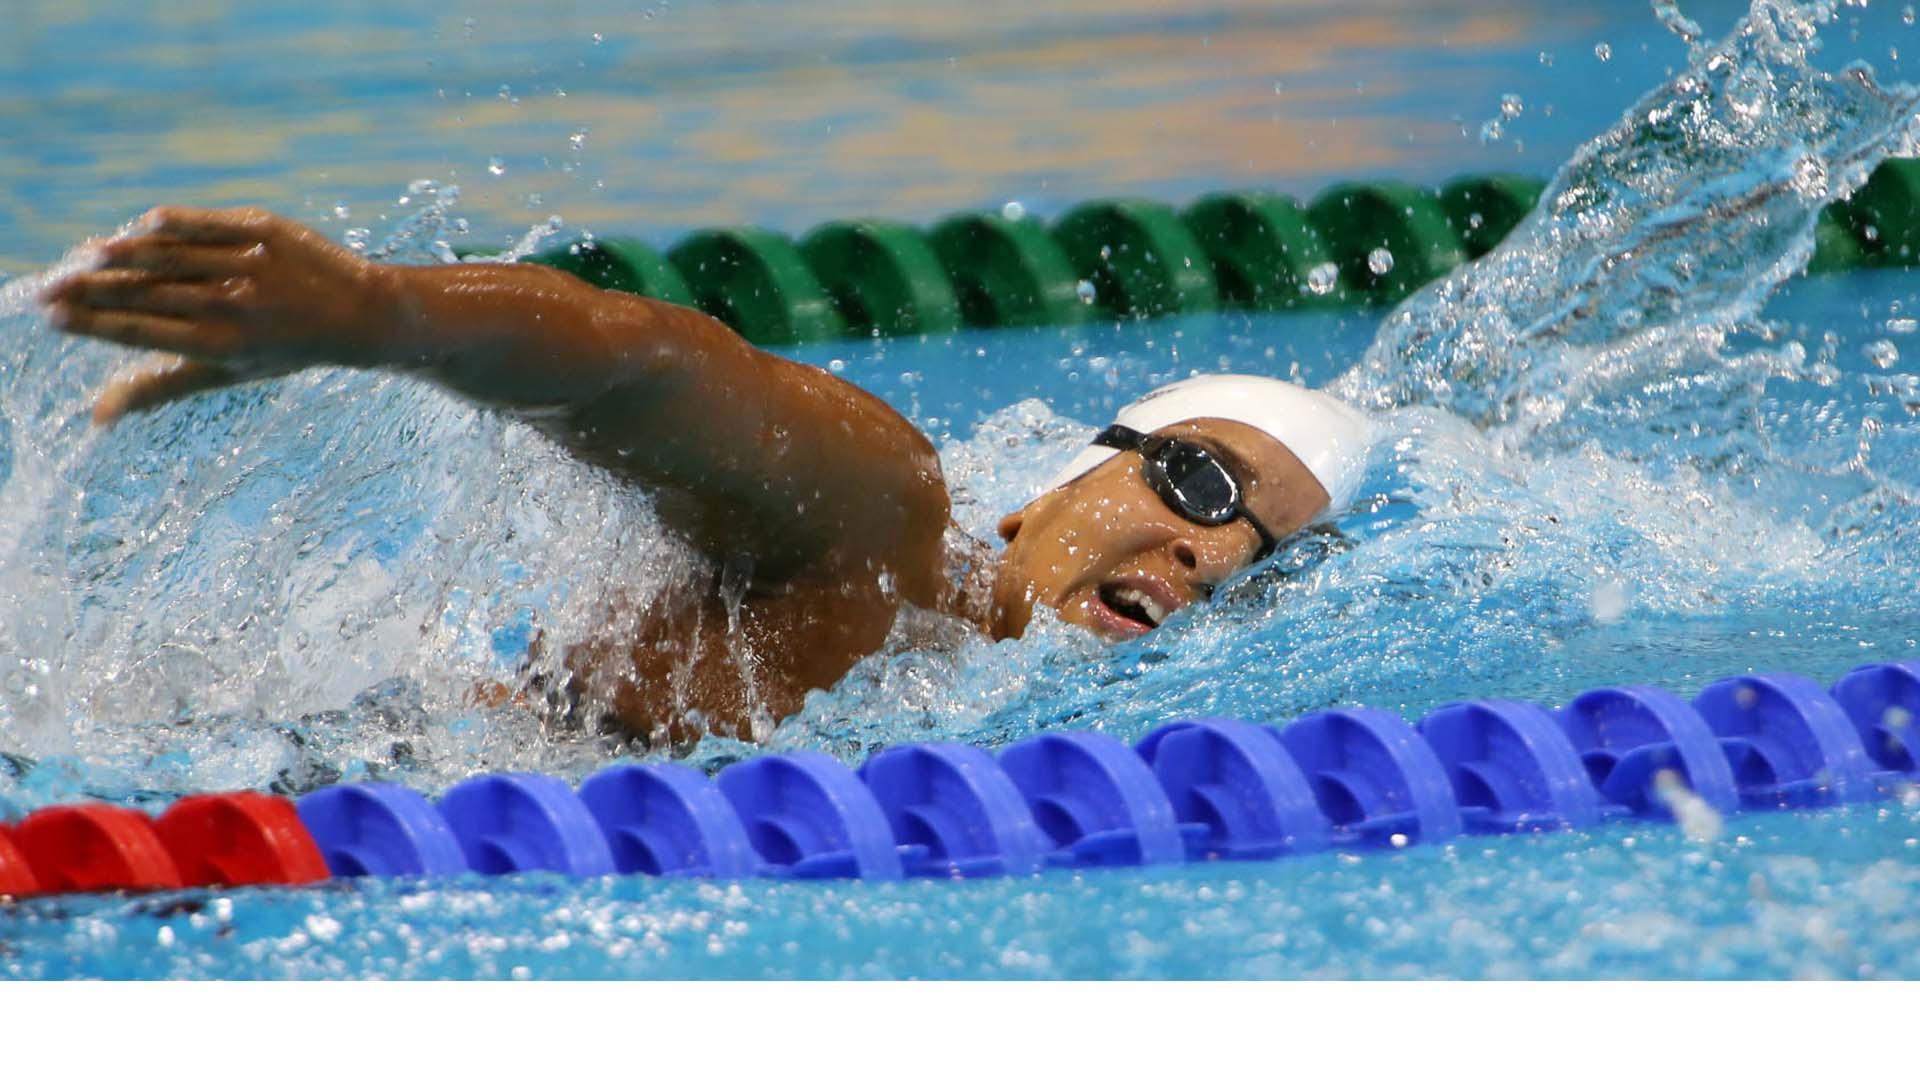 La atleta ya está clasificada a los Juegos Olímpicos Río 2016